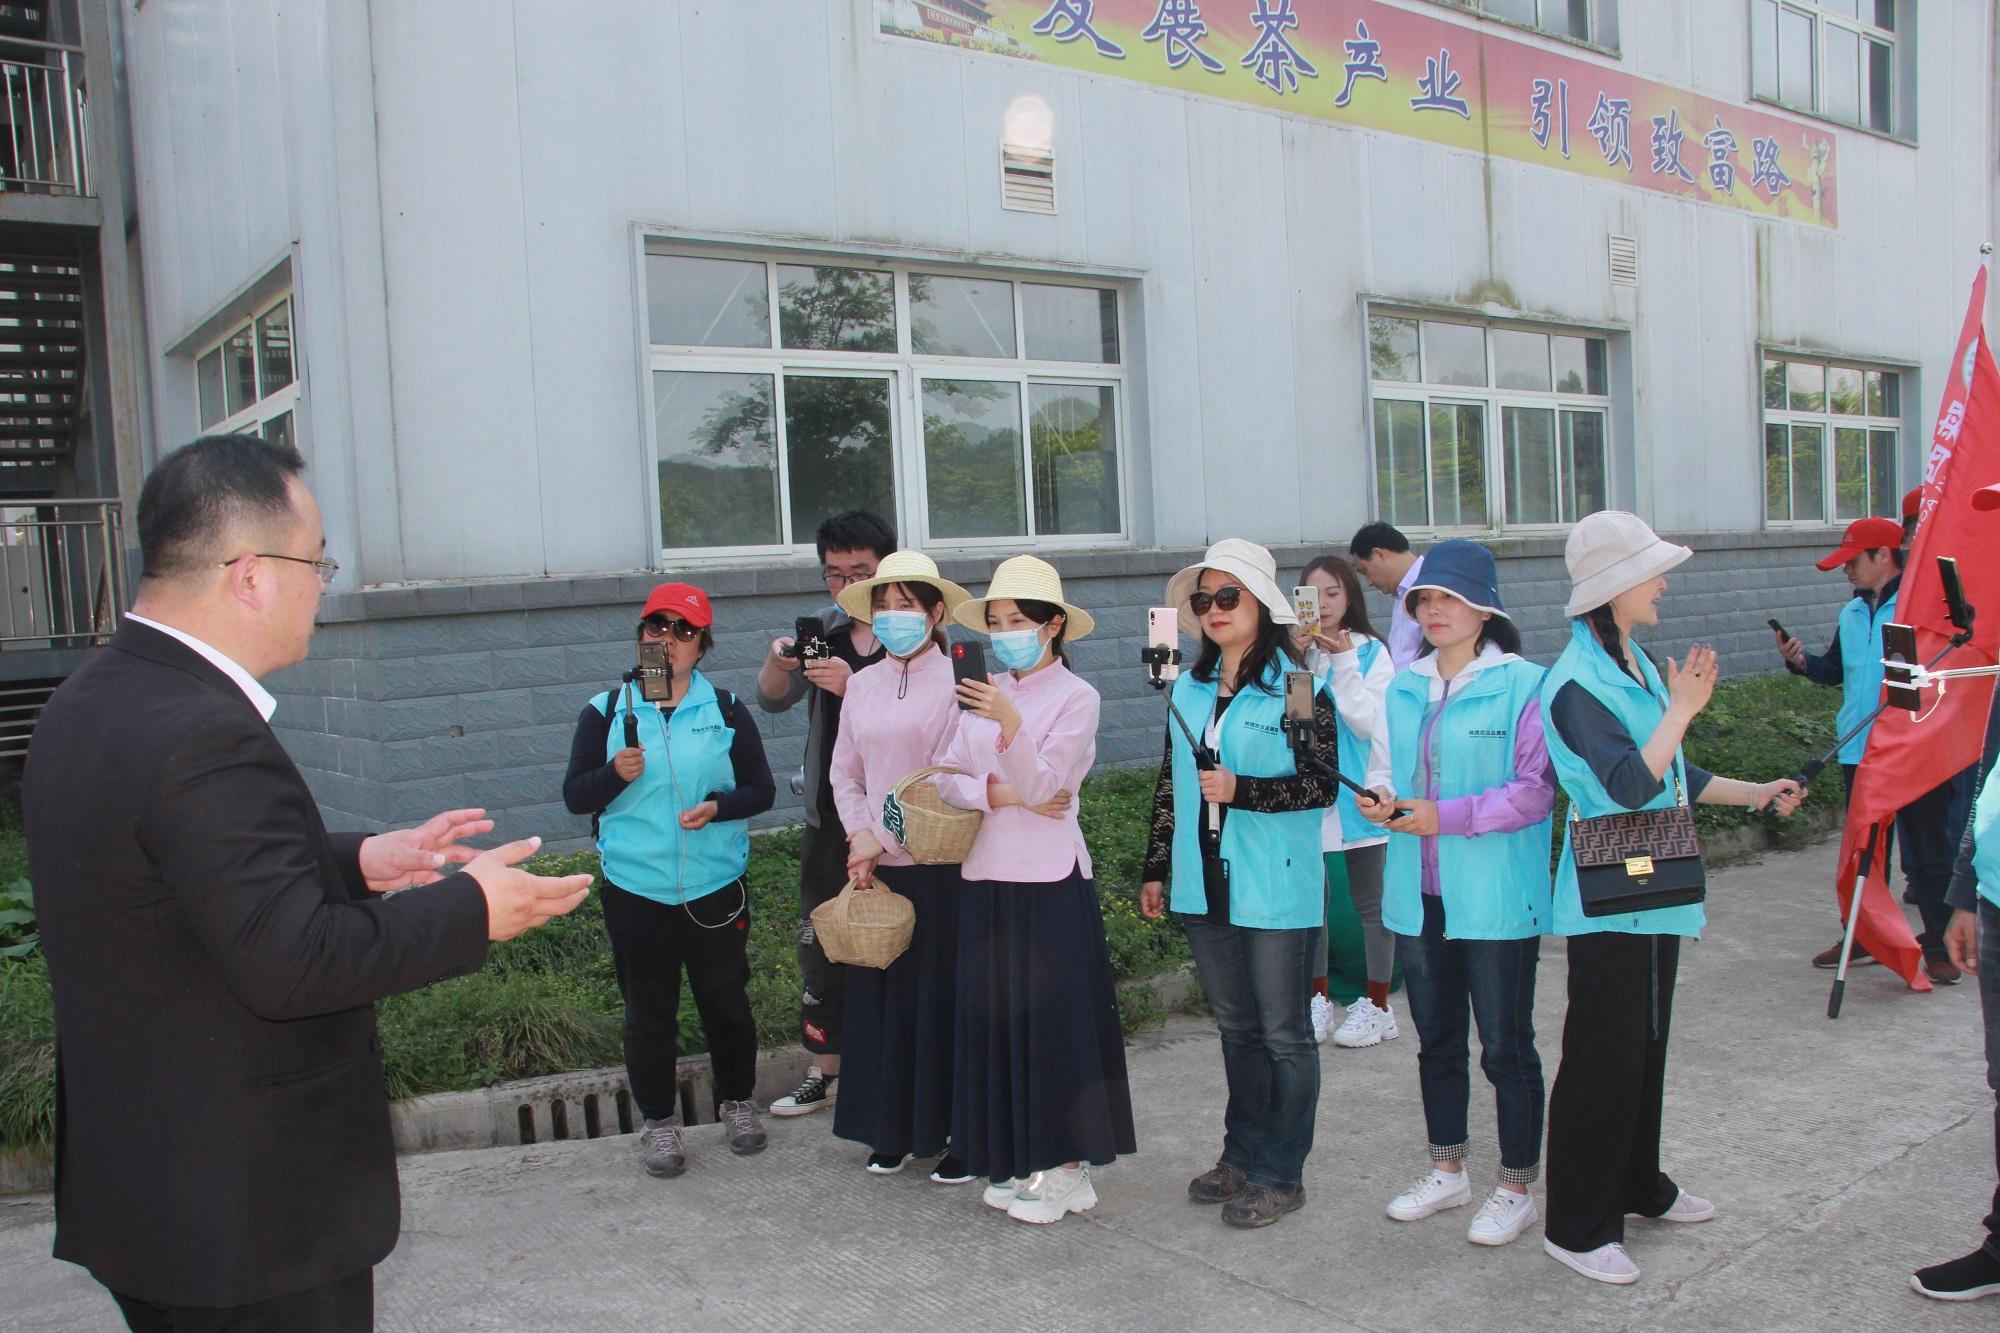 东裕生物科技有限公司执行总经理苏一然向网友介绍发明专利